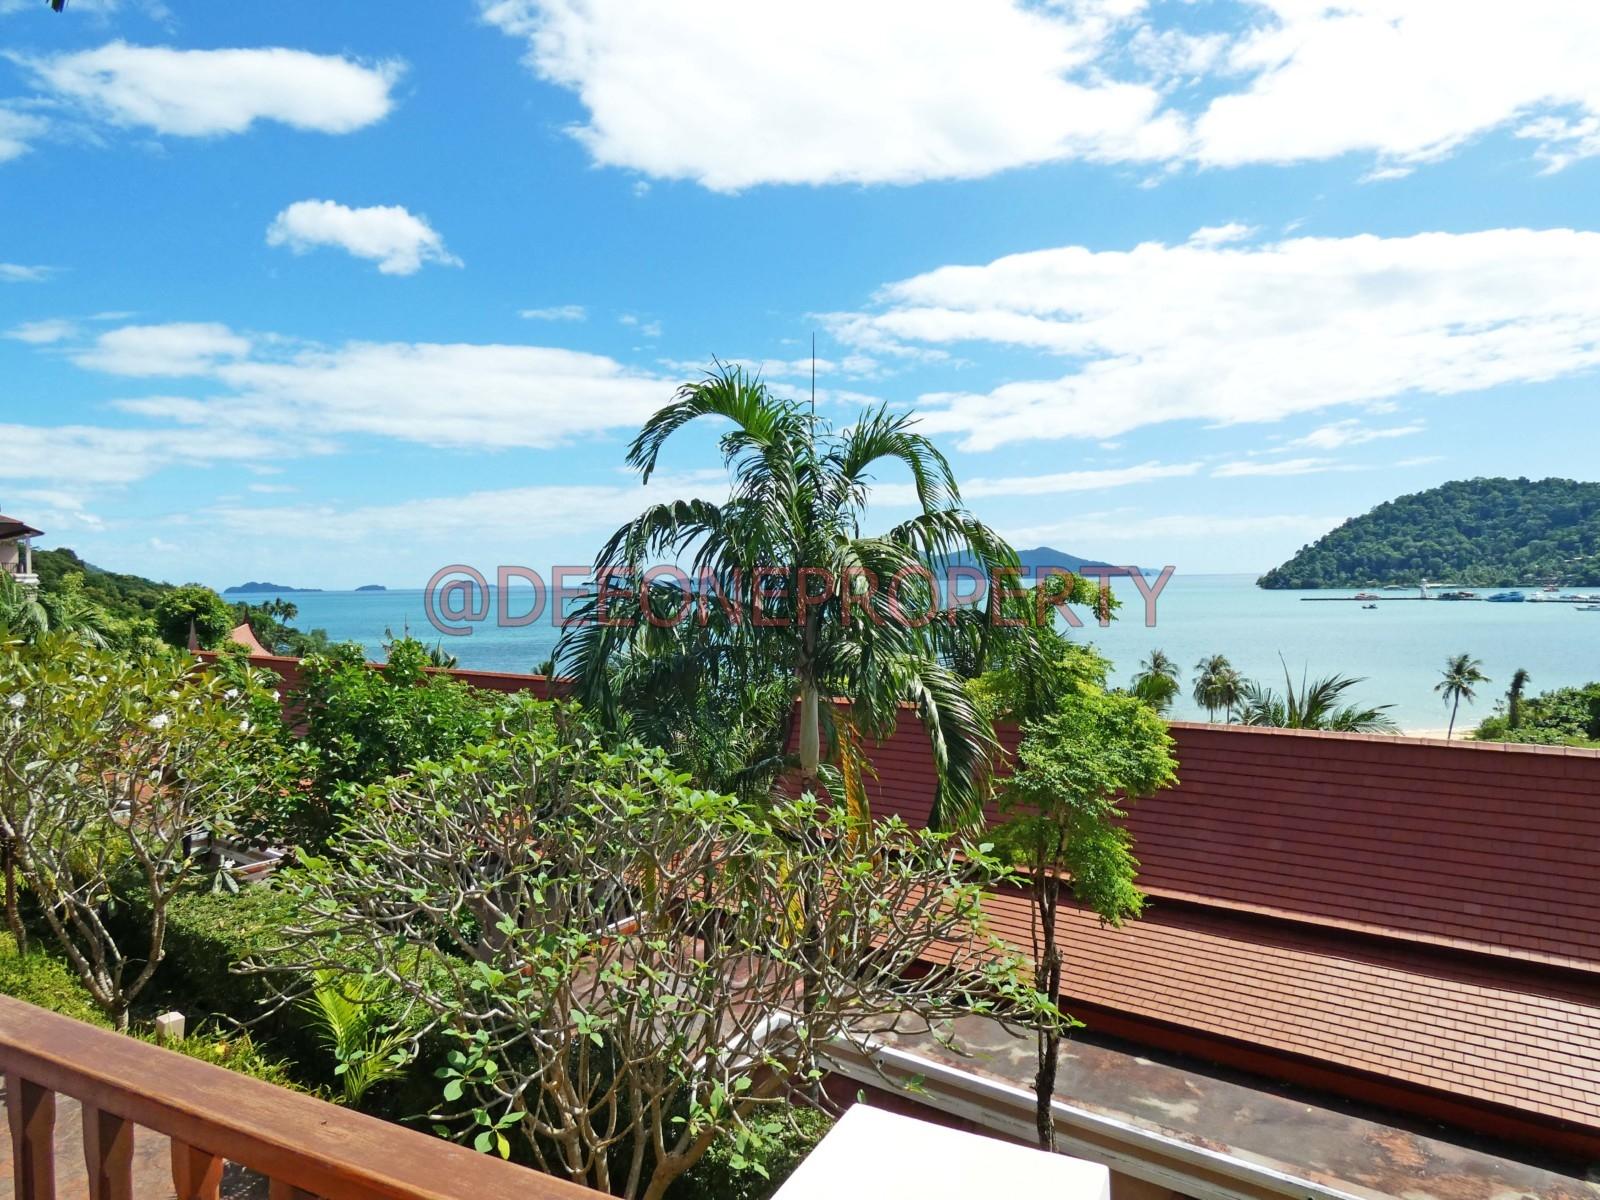 1 Bedroom Condo for Sale – Klong Koi, Koh Chang